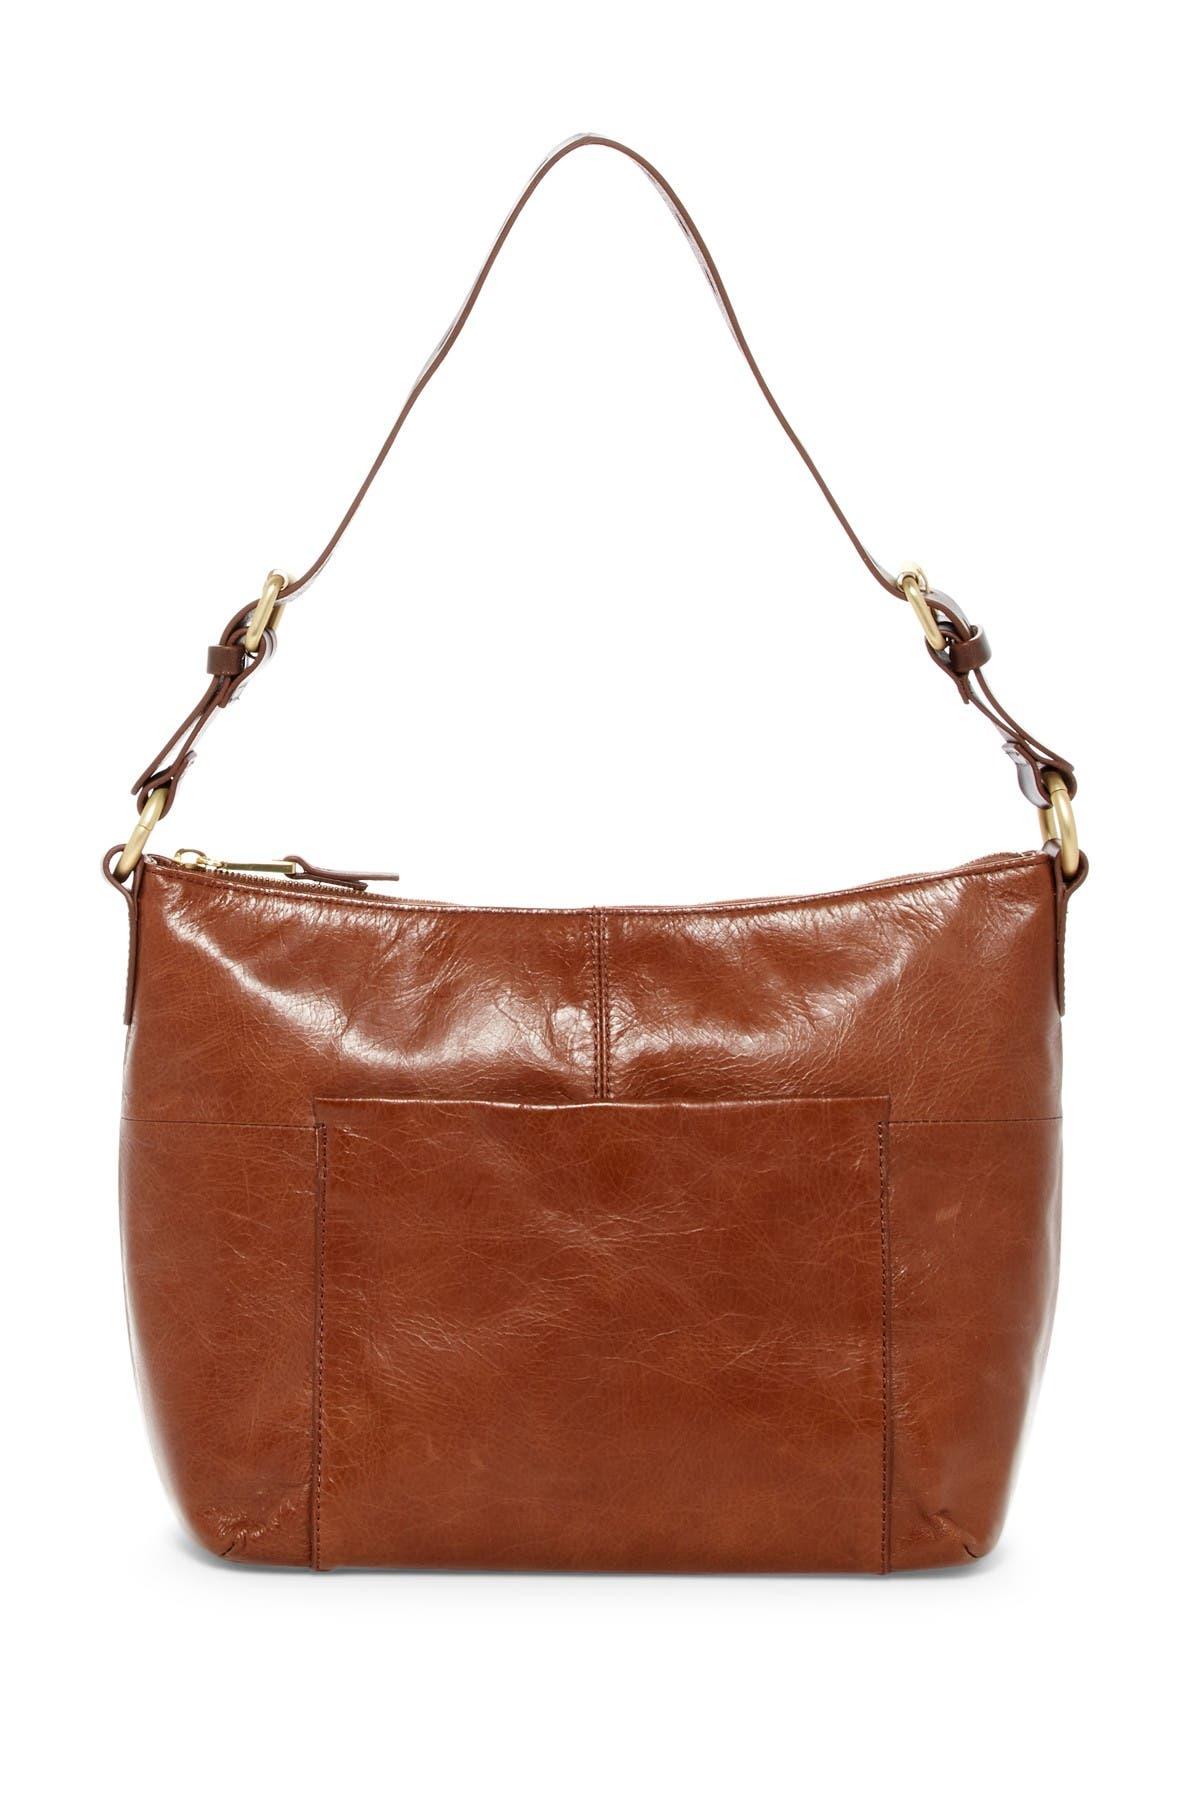 Image of Hobo Charlie Leather Shoulder Bag